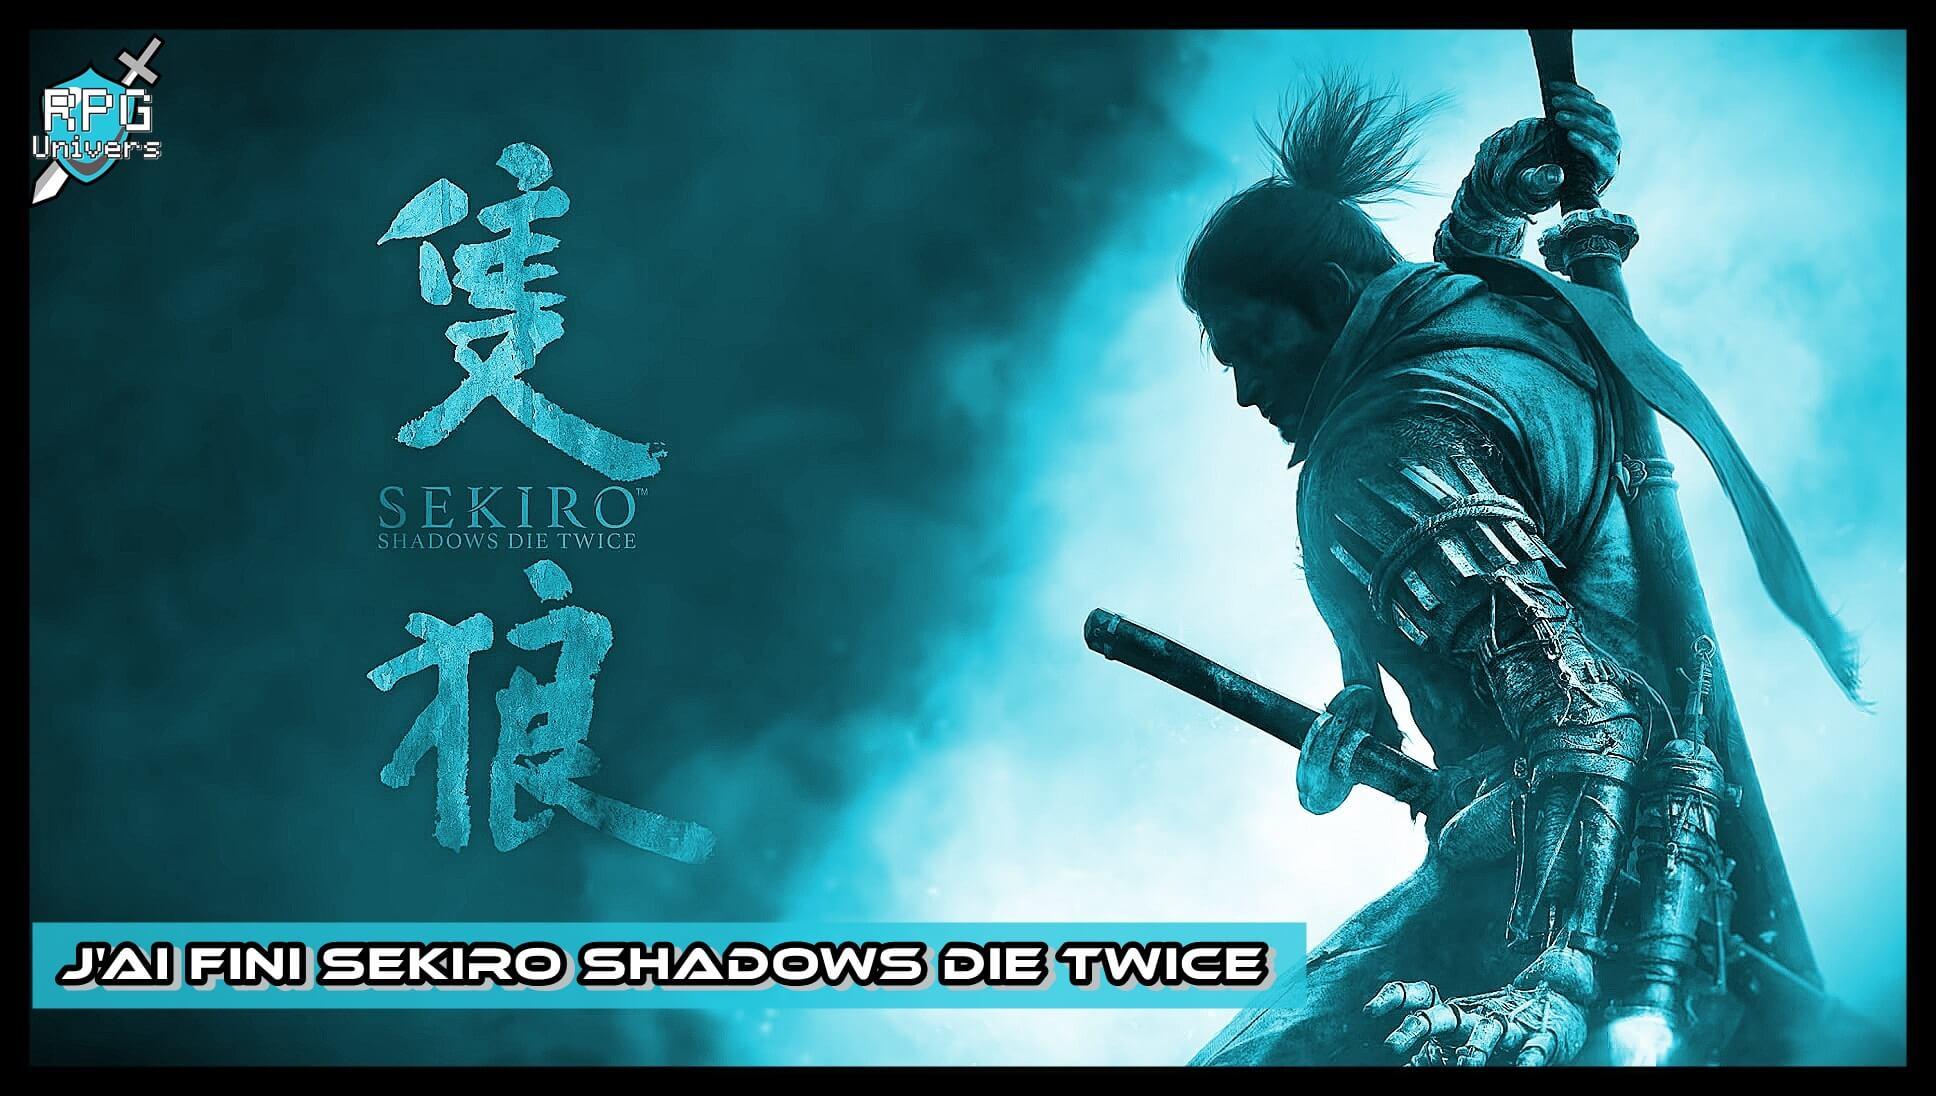 J'ai enfin fini Sekiro Shadows Die Twice